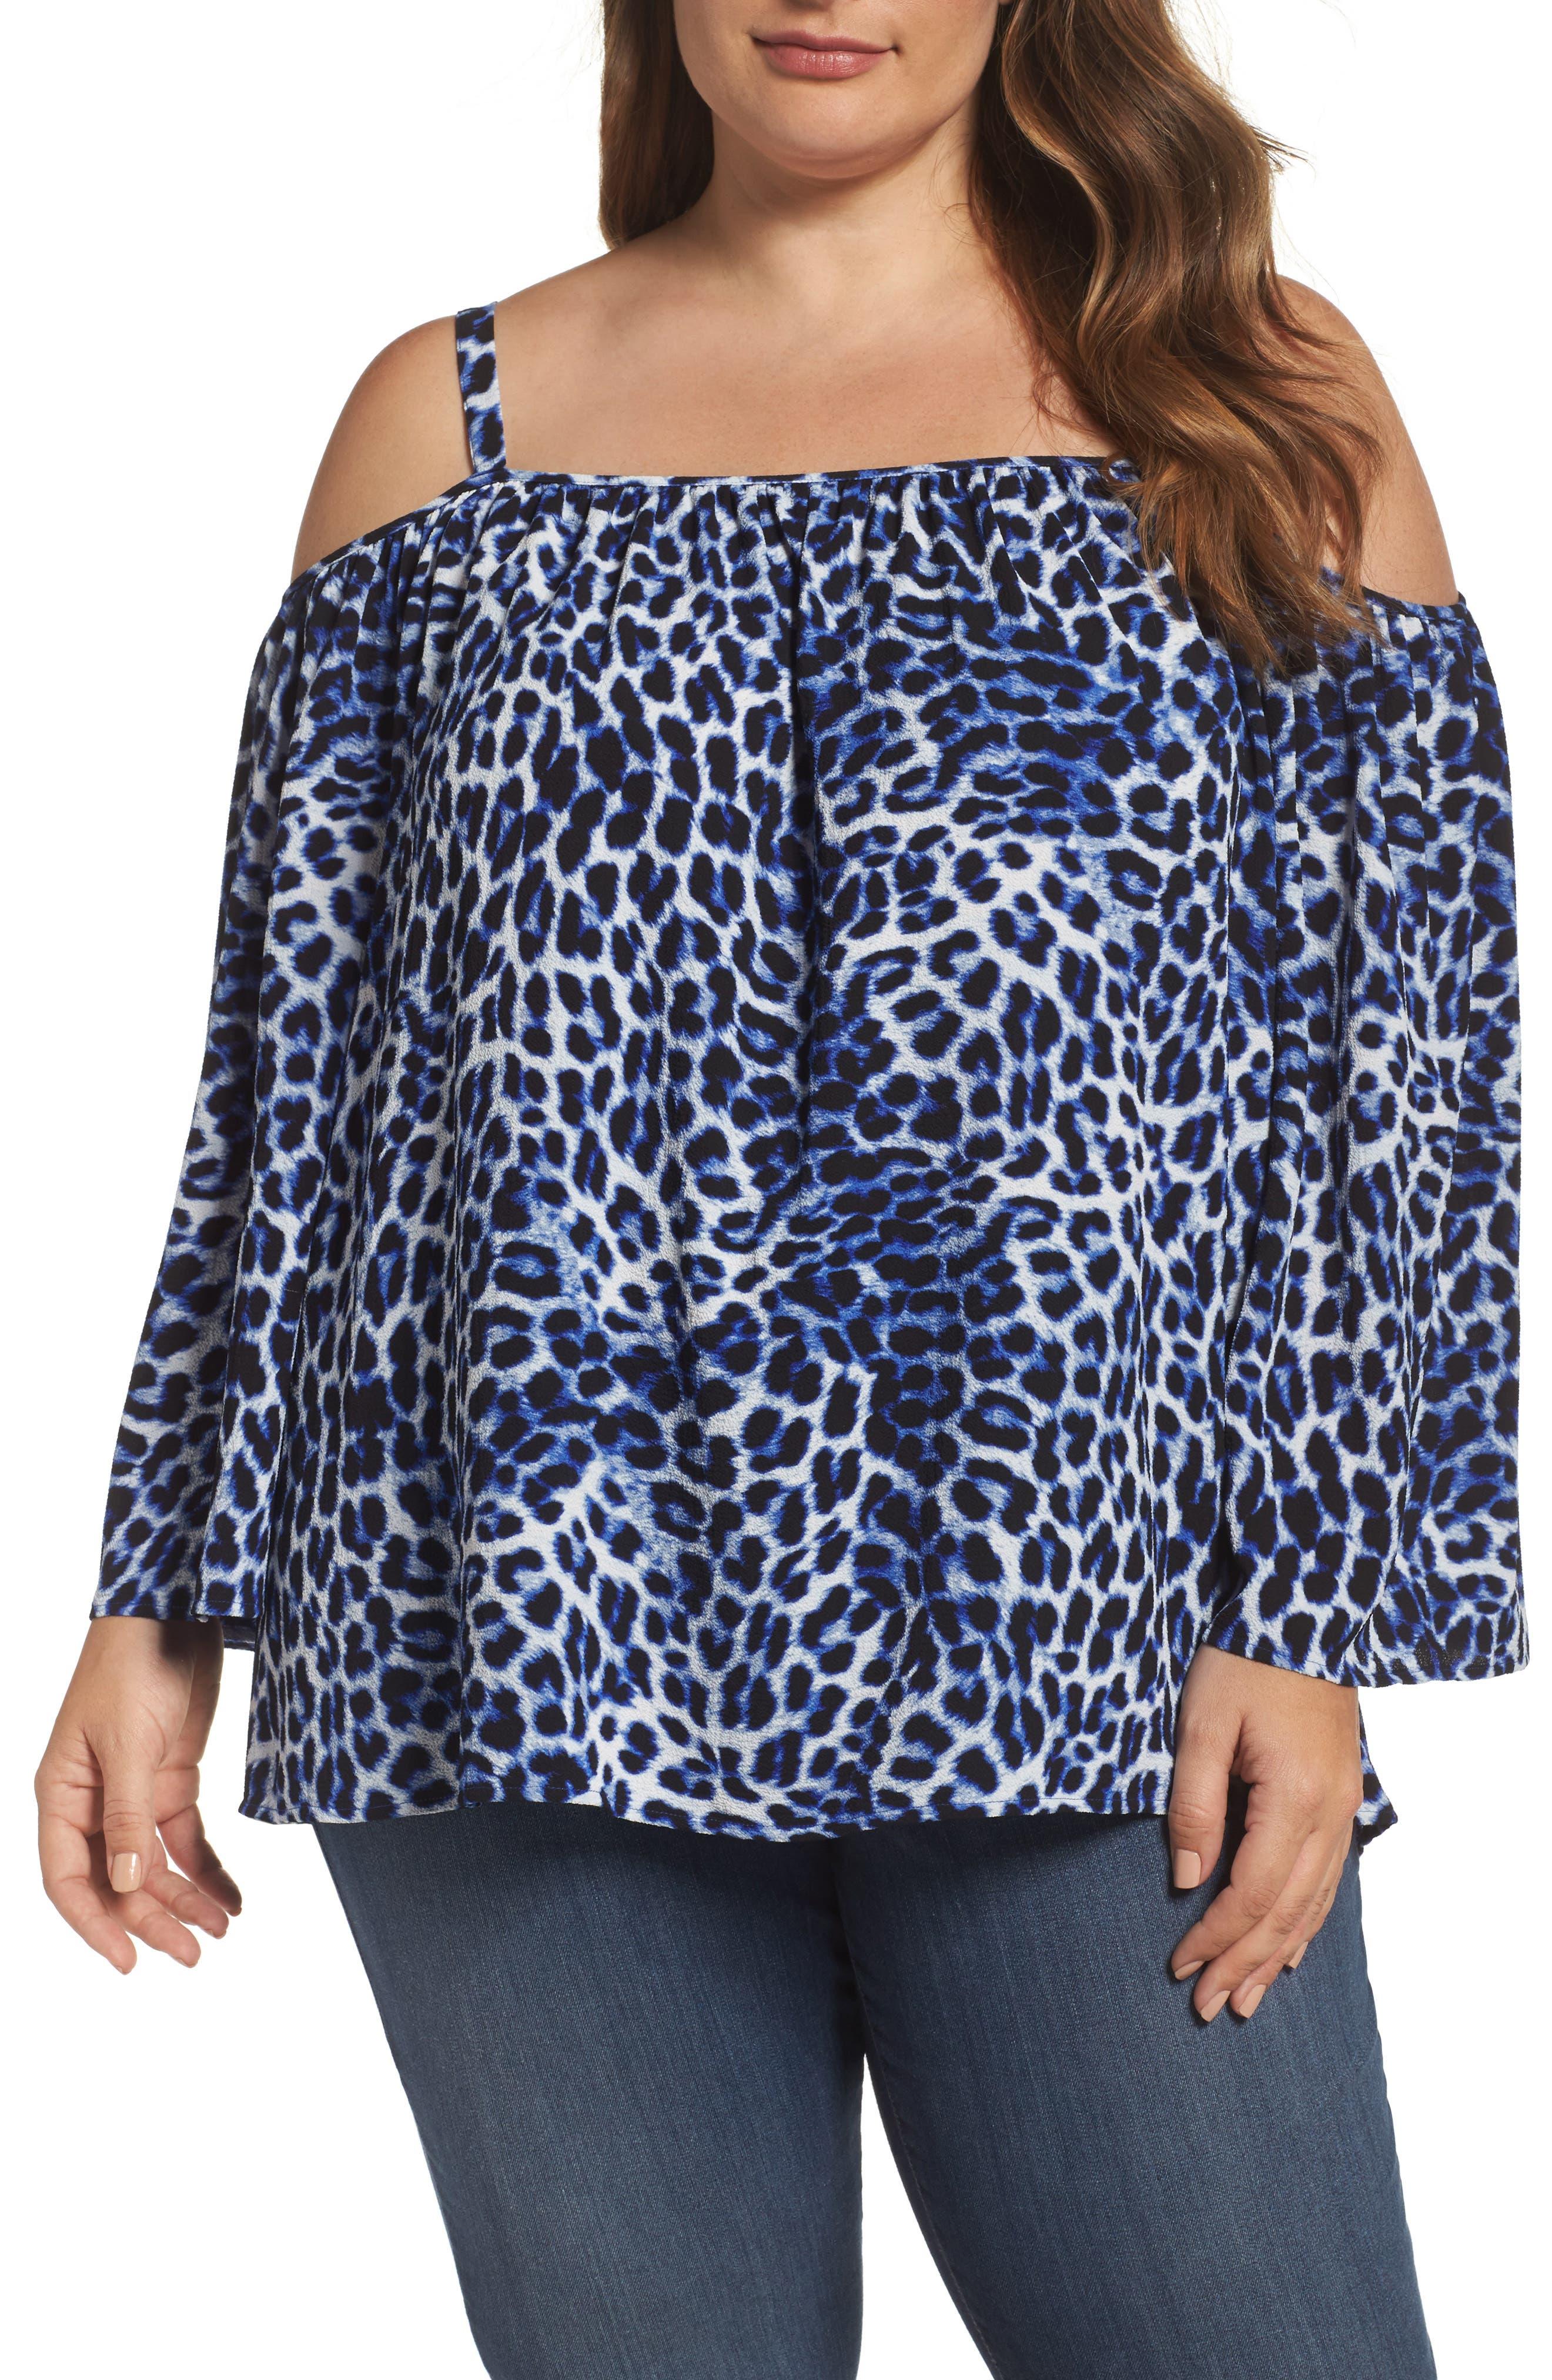 Vince Camuto Leopard Song Cold Shoulder Blouse (Plus Size)